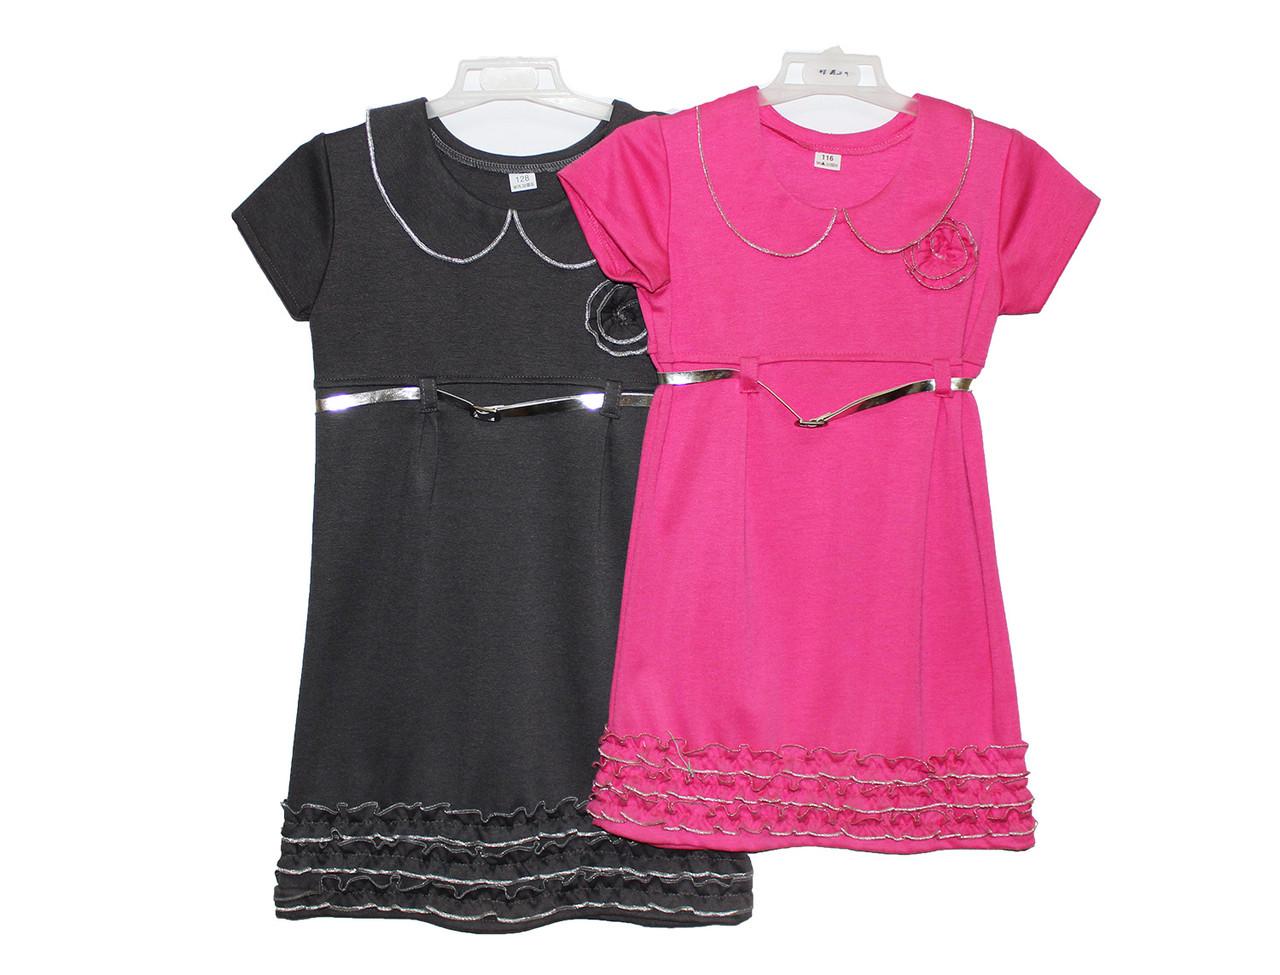 Плаття дитячі трикотажні підліткові Срібло